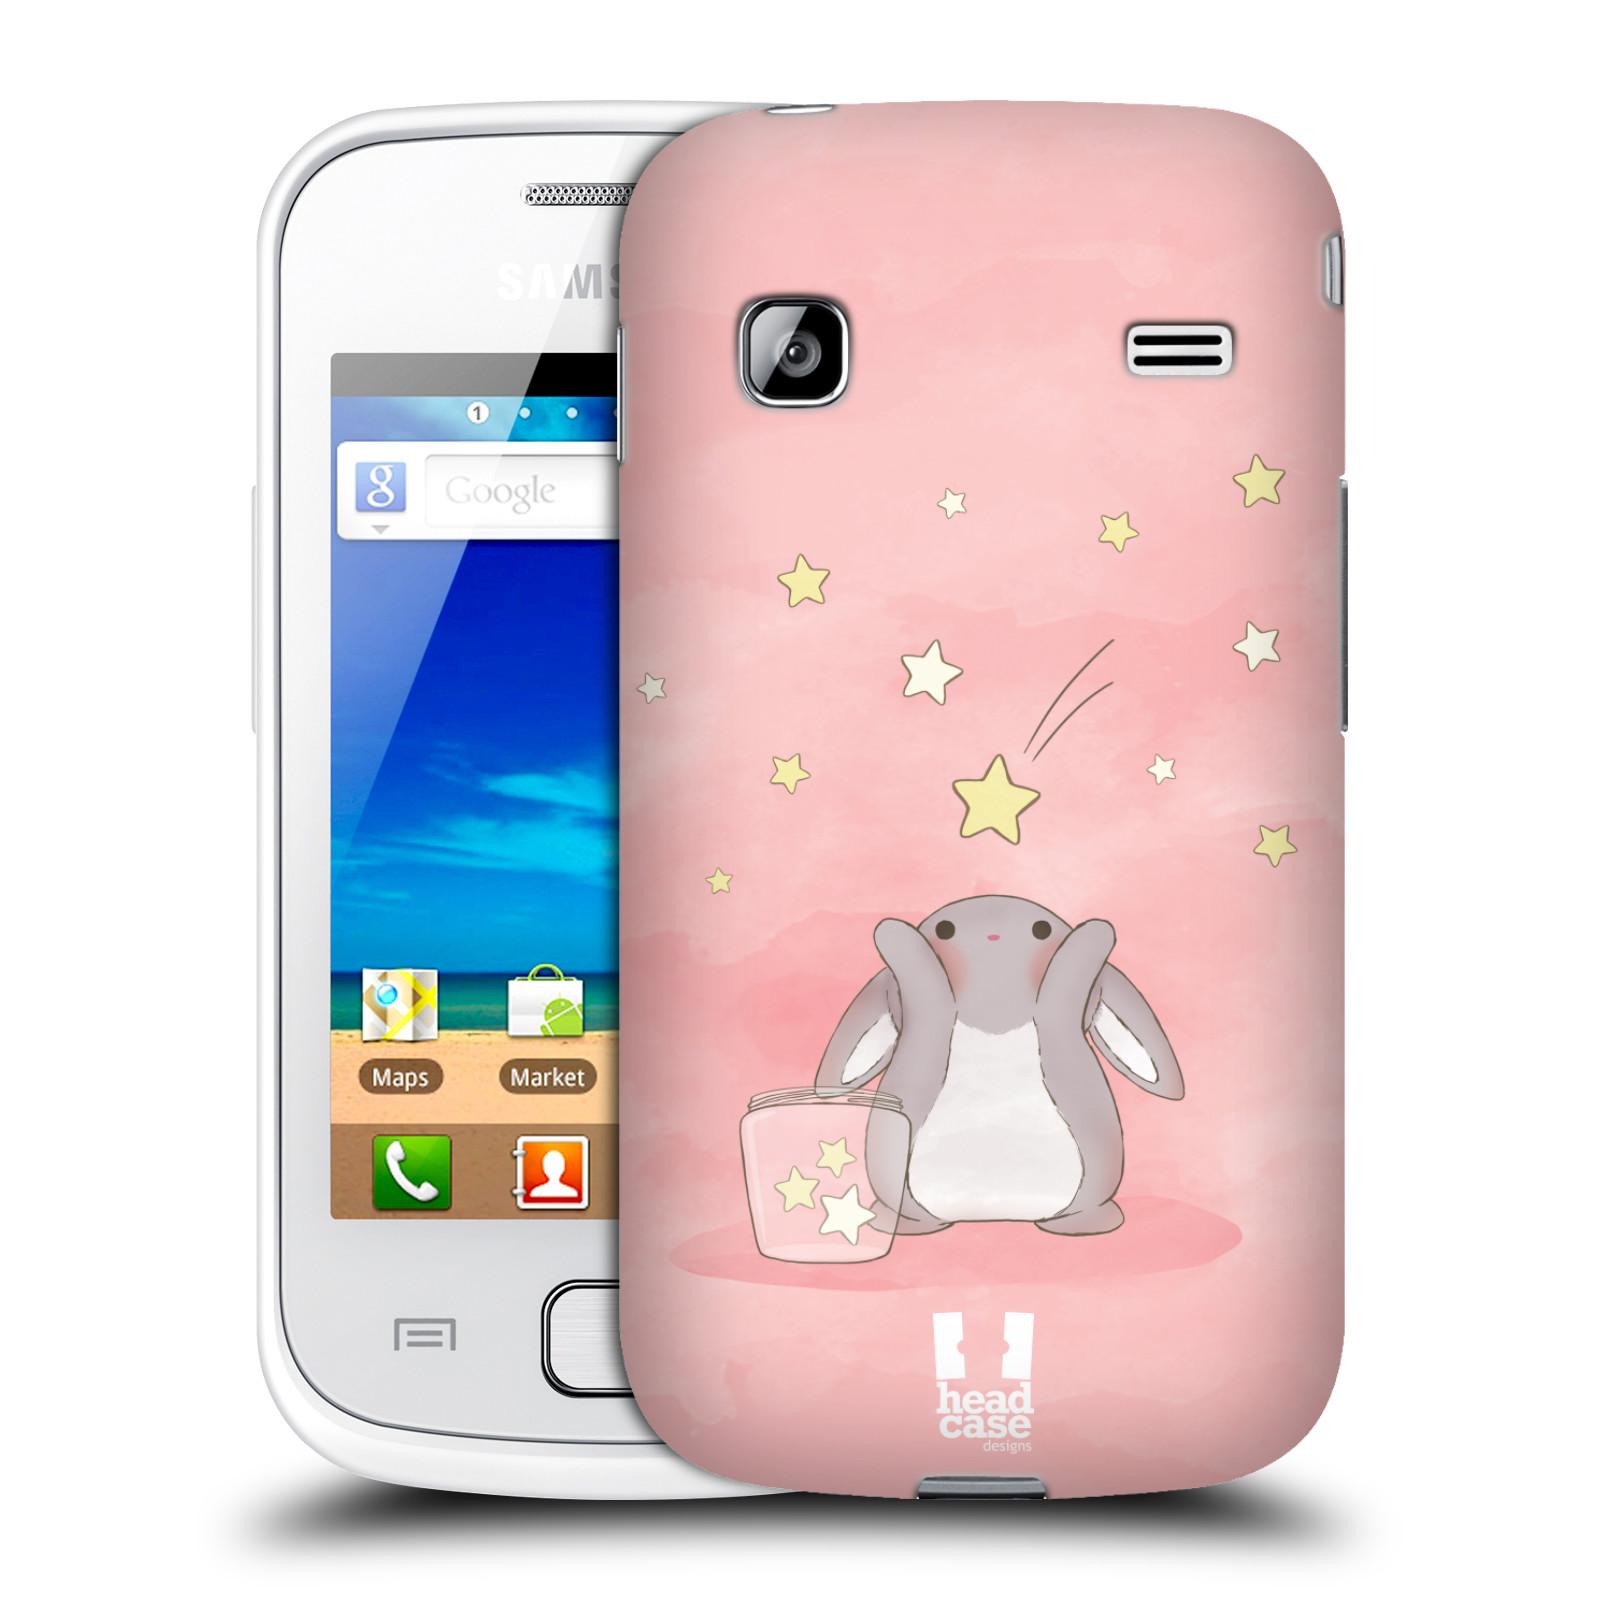 HEAD CASE plastový obal na mobil SAMSUNG GALAXY GIO (S5660) vzor králíček a hvězdy růžová